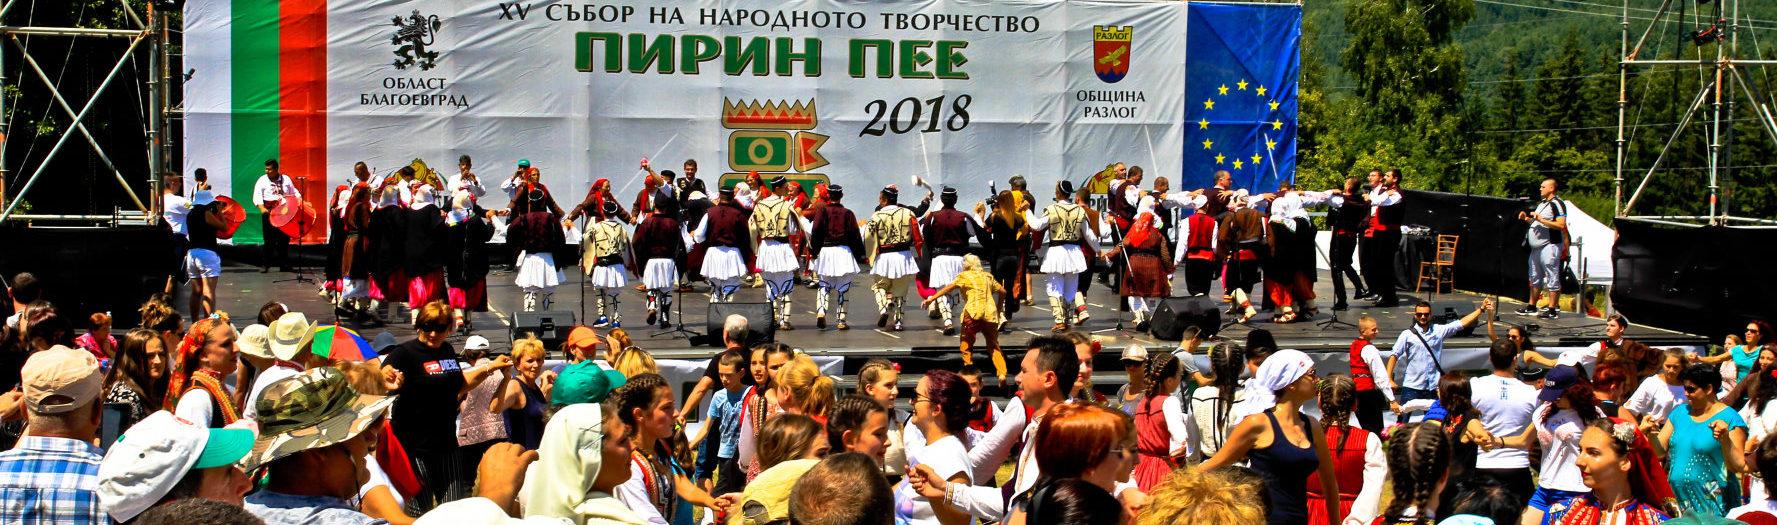 Пирин пее 2018 - повече от 2000 участници пяха на 4 сцени